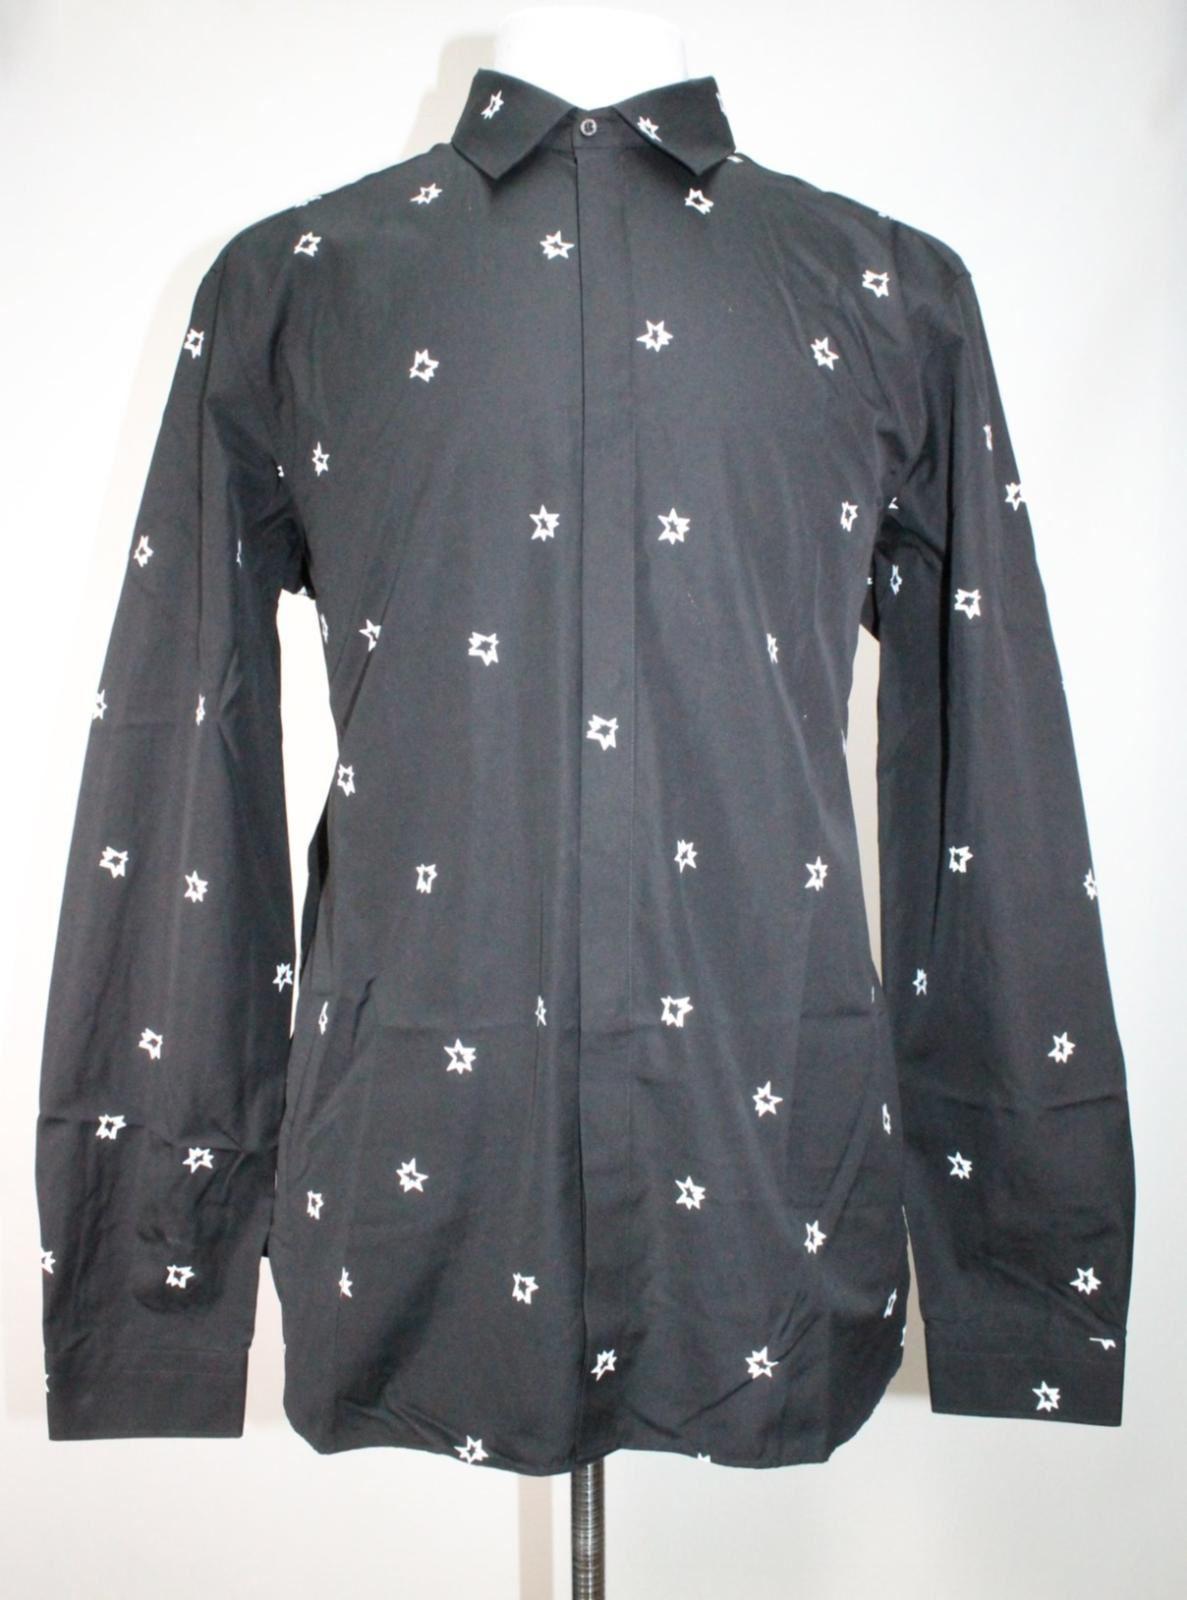 Neil-Barrett-Hombre-Negro-Algodon-Estampado-de-Estrellas-Calce-Ajustado-Camisa-Con-Cuello-16-5-034